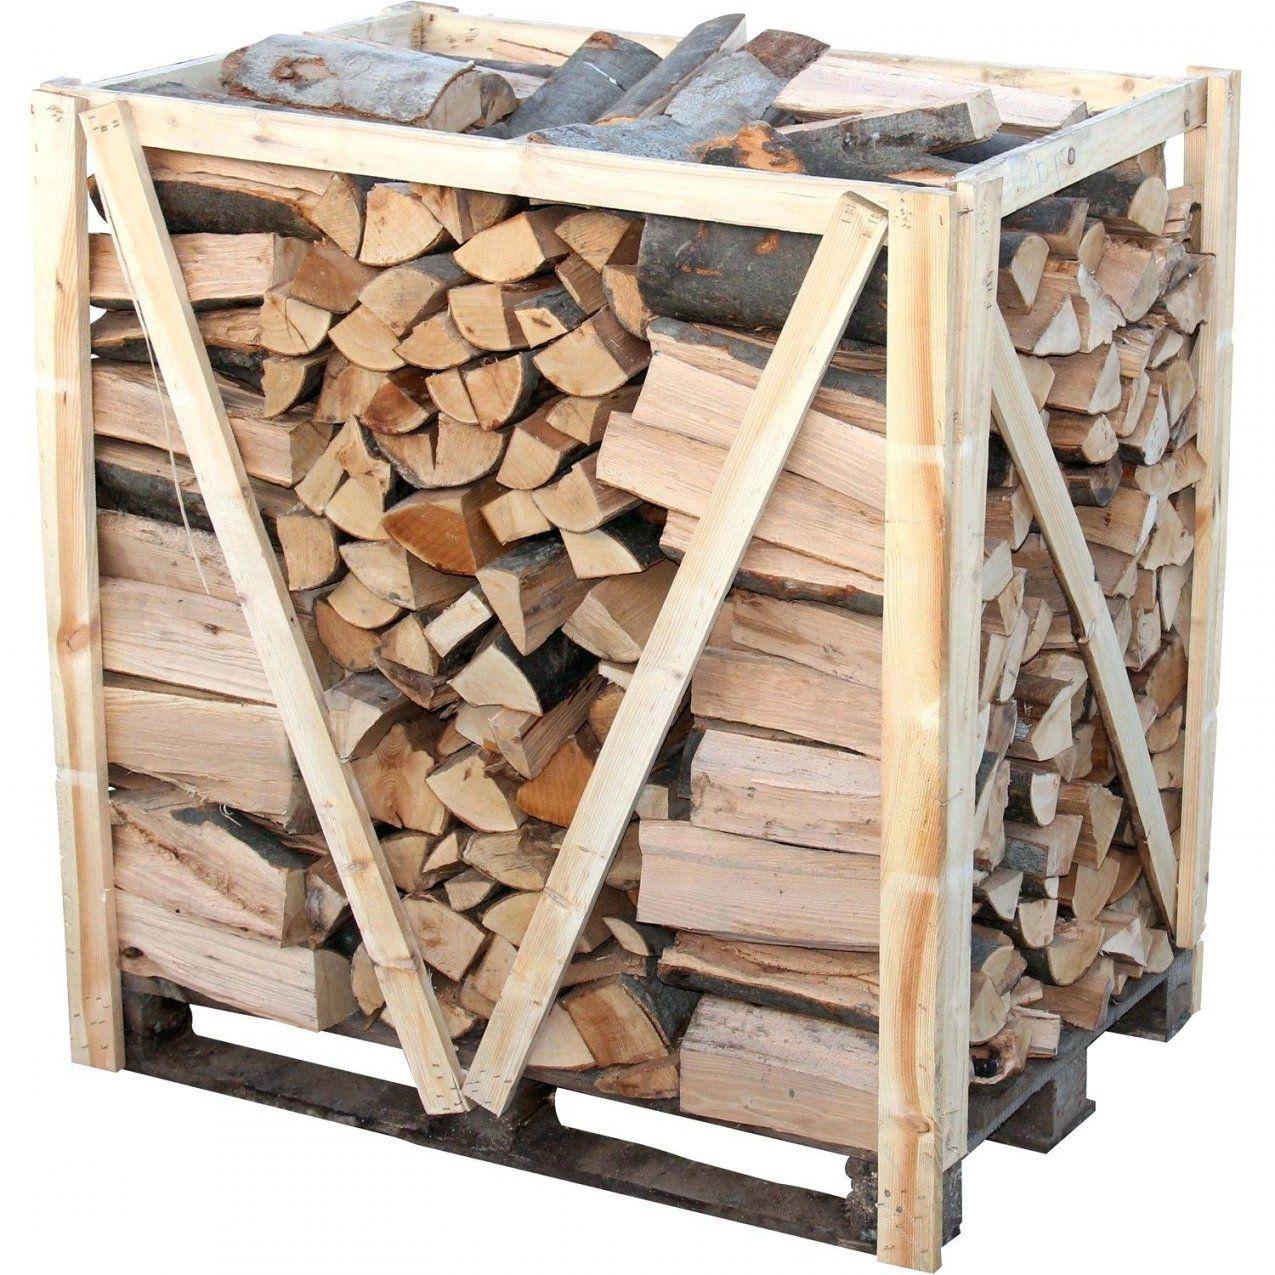 Deko Kaminholz Amazing Kg Brennholz With Kamin Holz Kaufen Von Deko